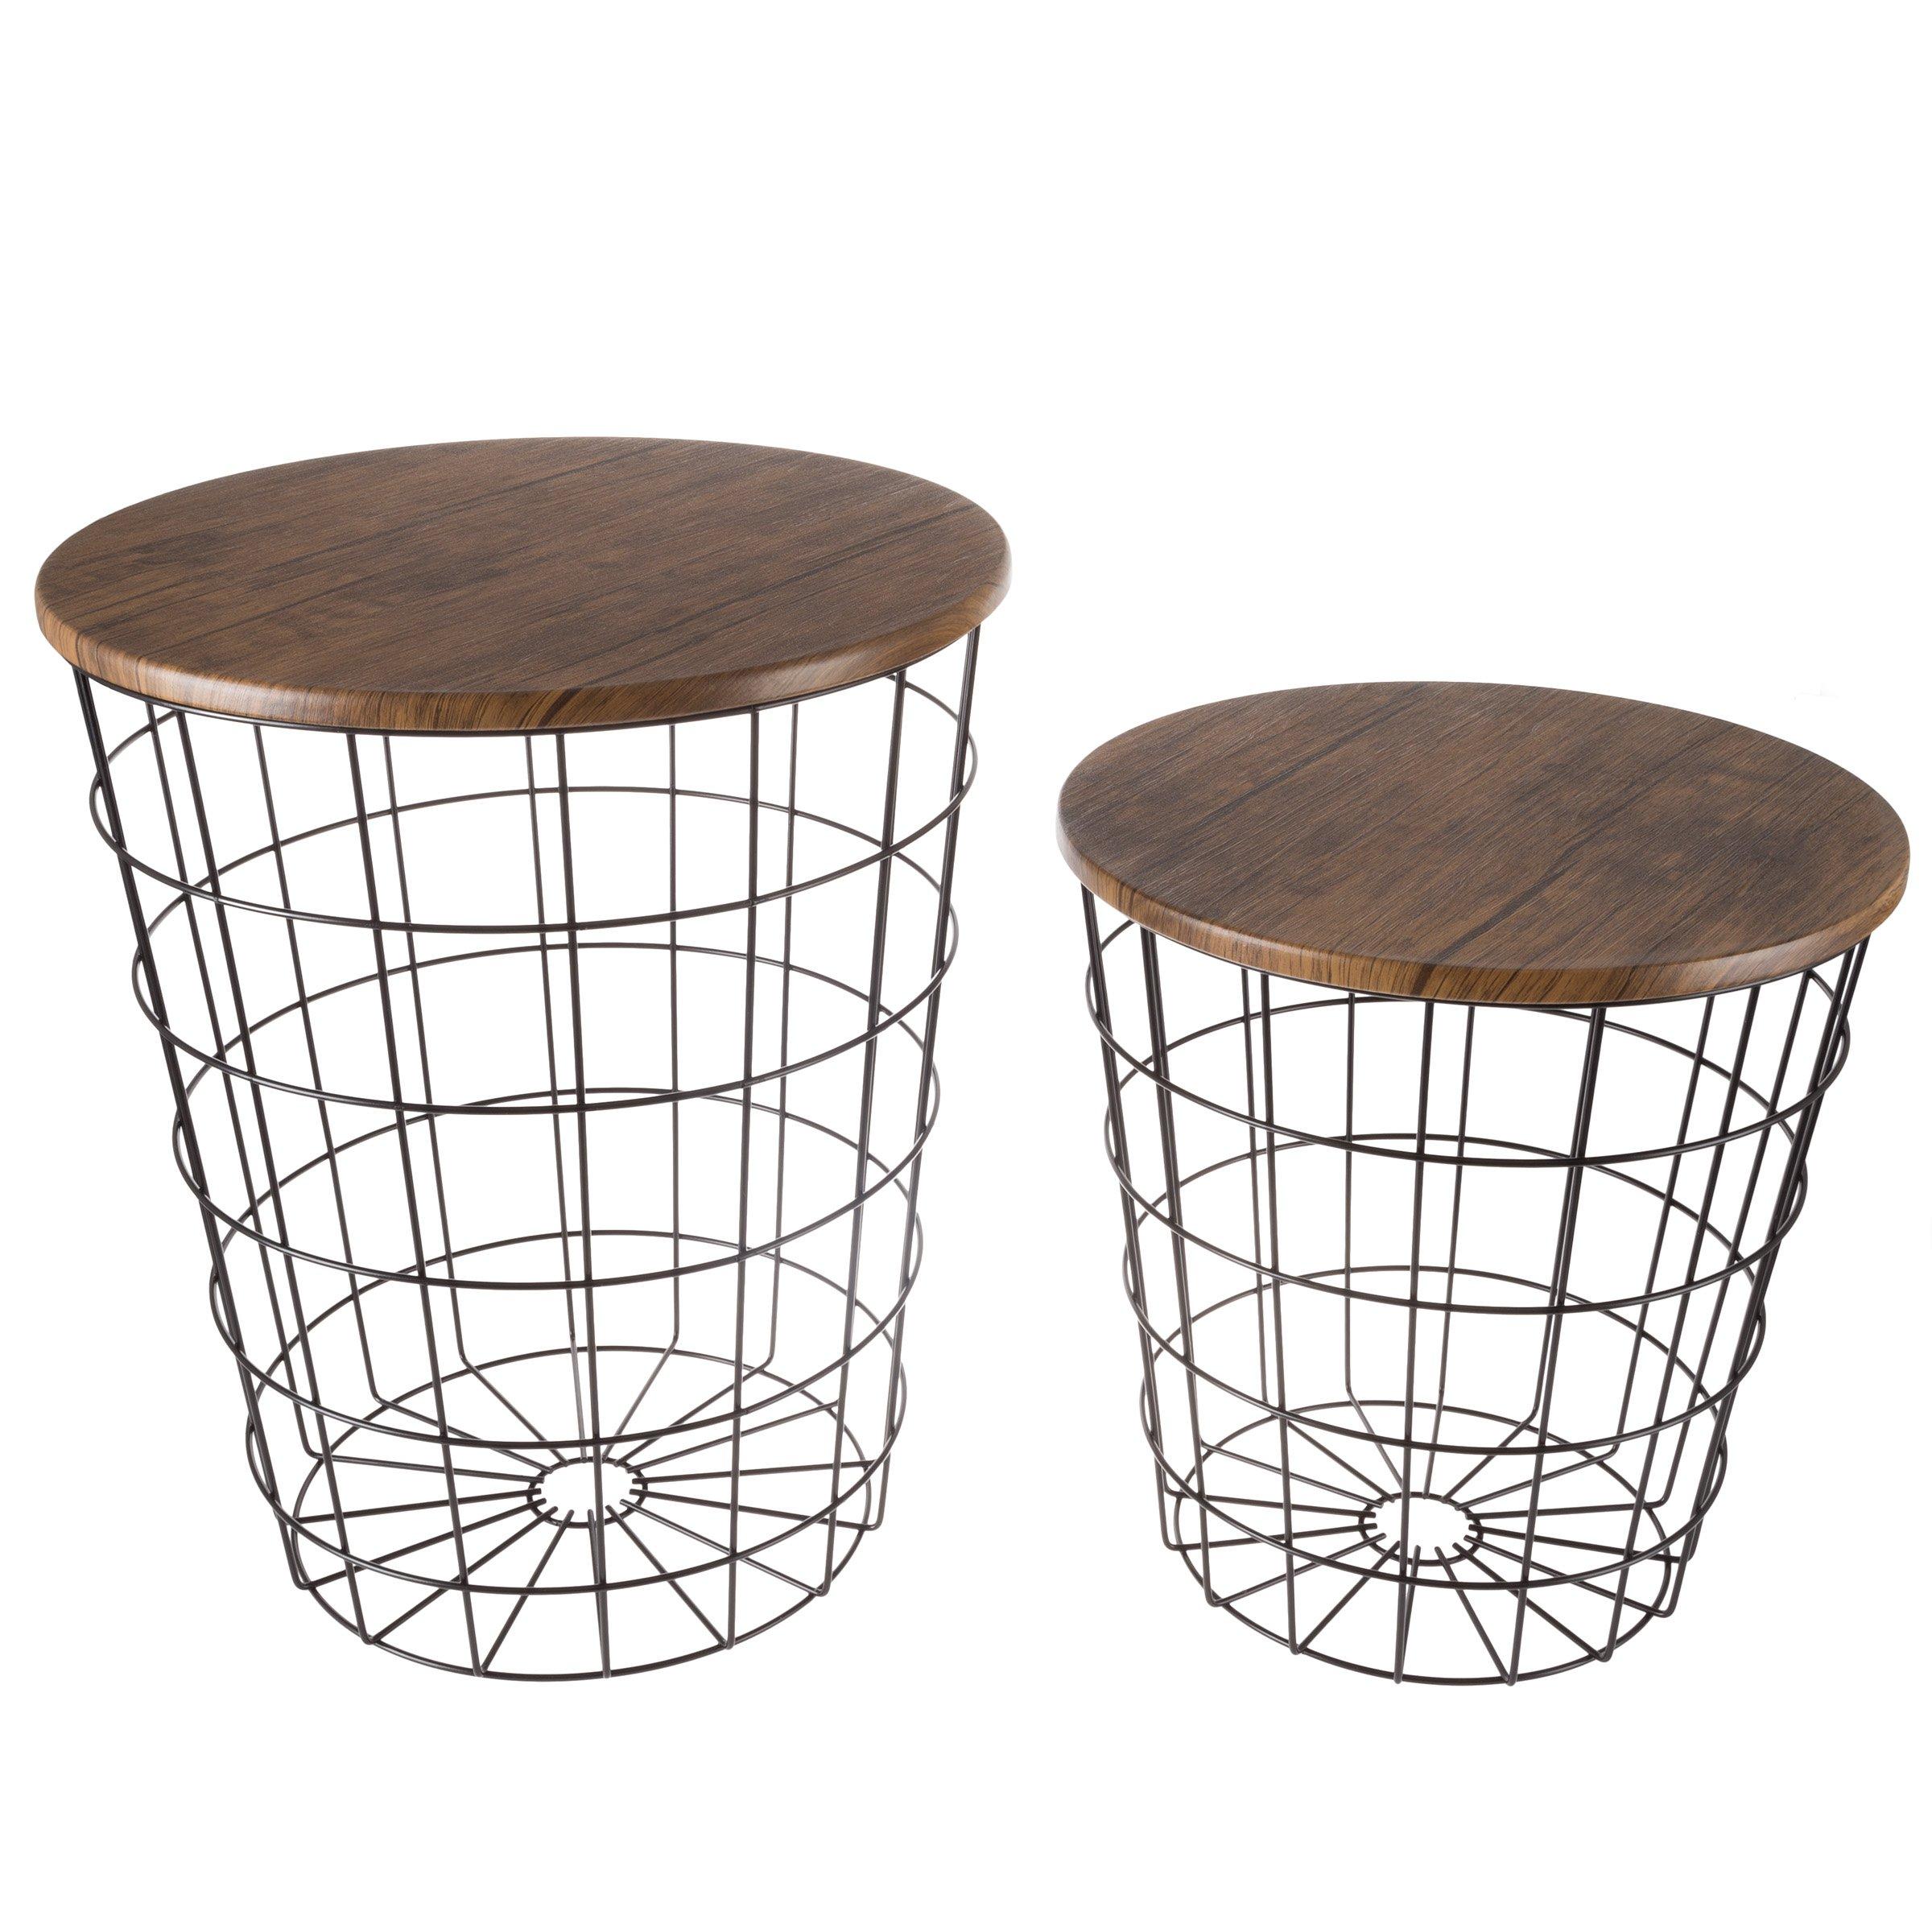 Lavish Home 80-Endtbl-2 (Set of 2) Nesting End Storage Convertible Round Metal Basket Wood Veneer Top Accent Side Tables, Black